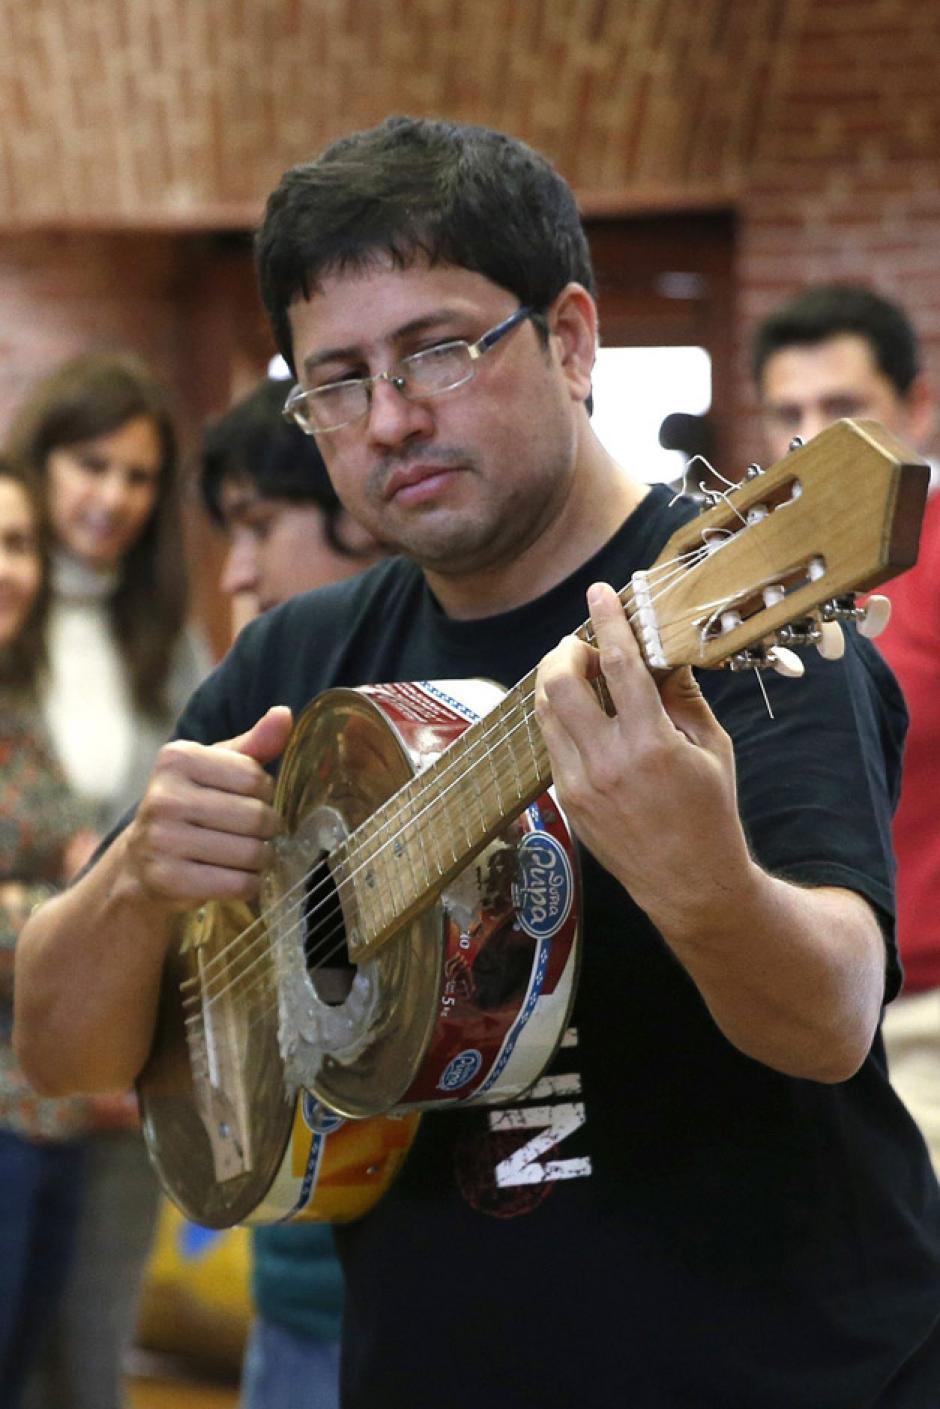 Favio Chávez, técnico ambiental, llegó hasta Cateura, en Asunción, Paraguay, con una visión que está cambiando la vida de más de 2,500 vecinos de ese barrio que sirve como vertedero municipal